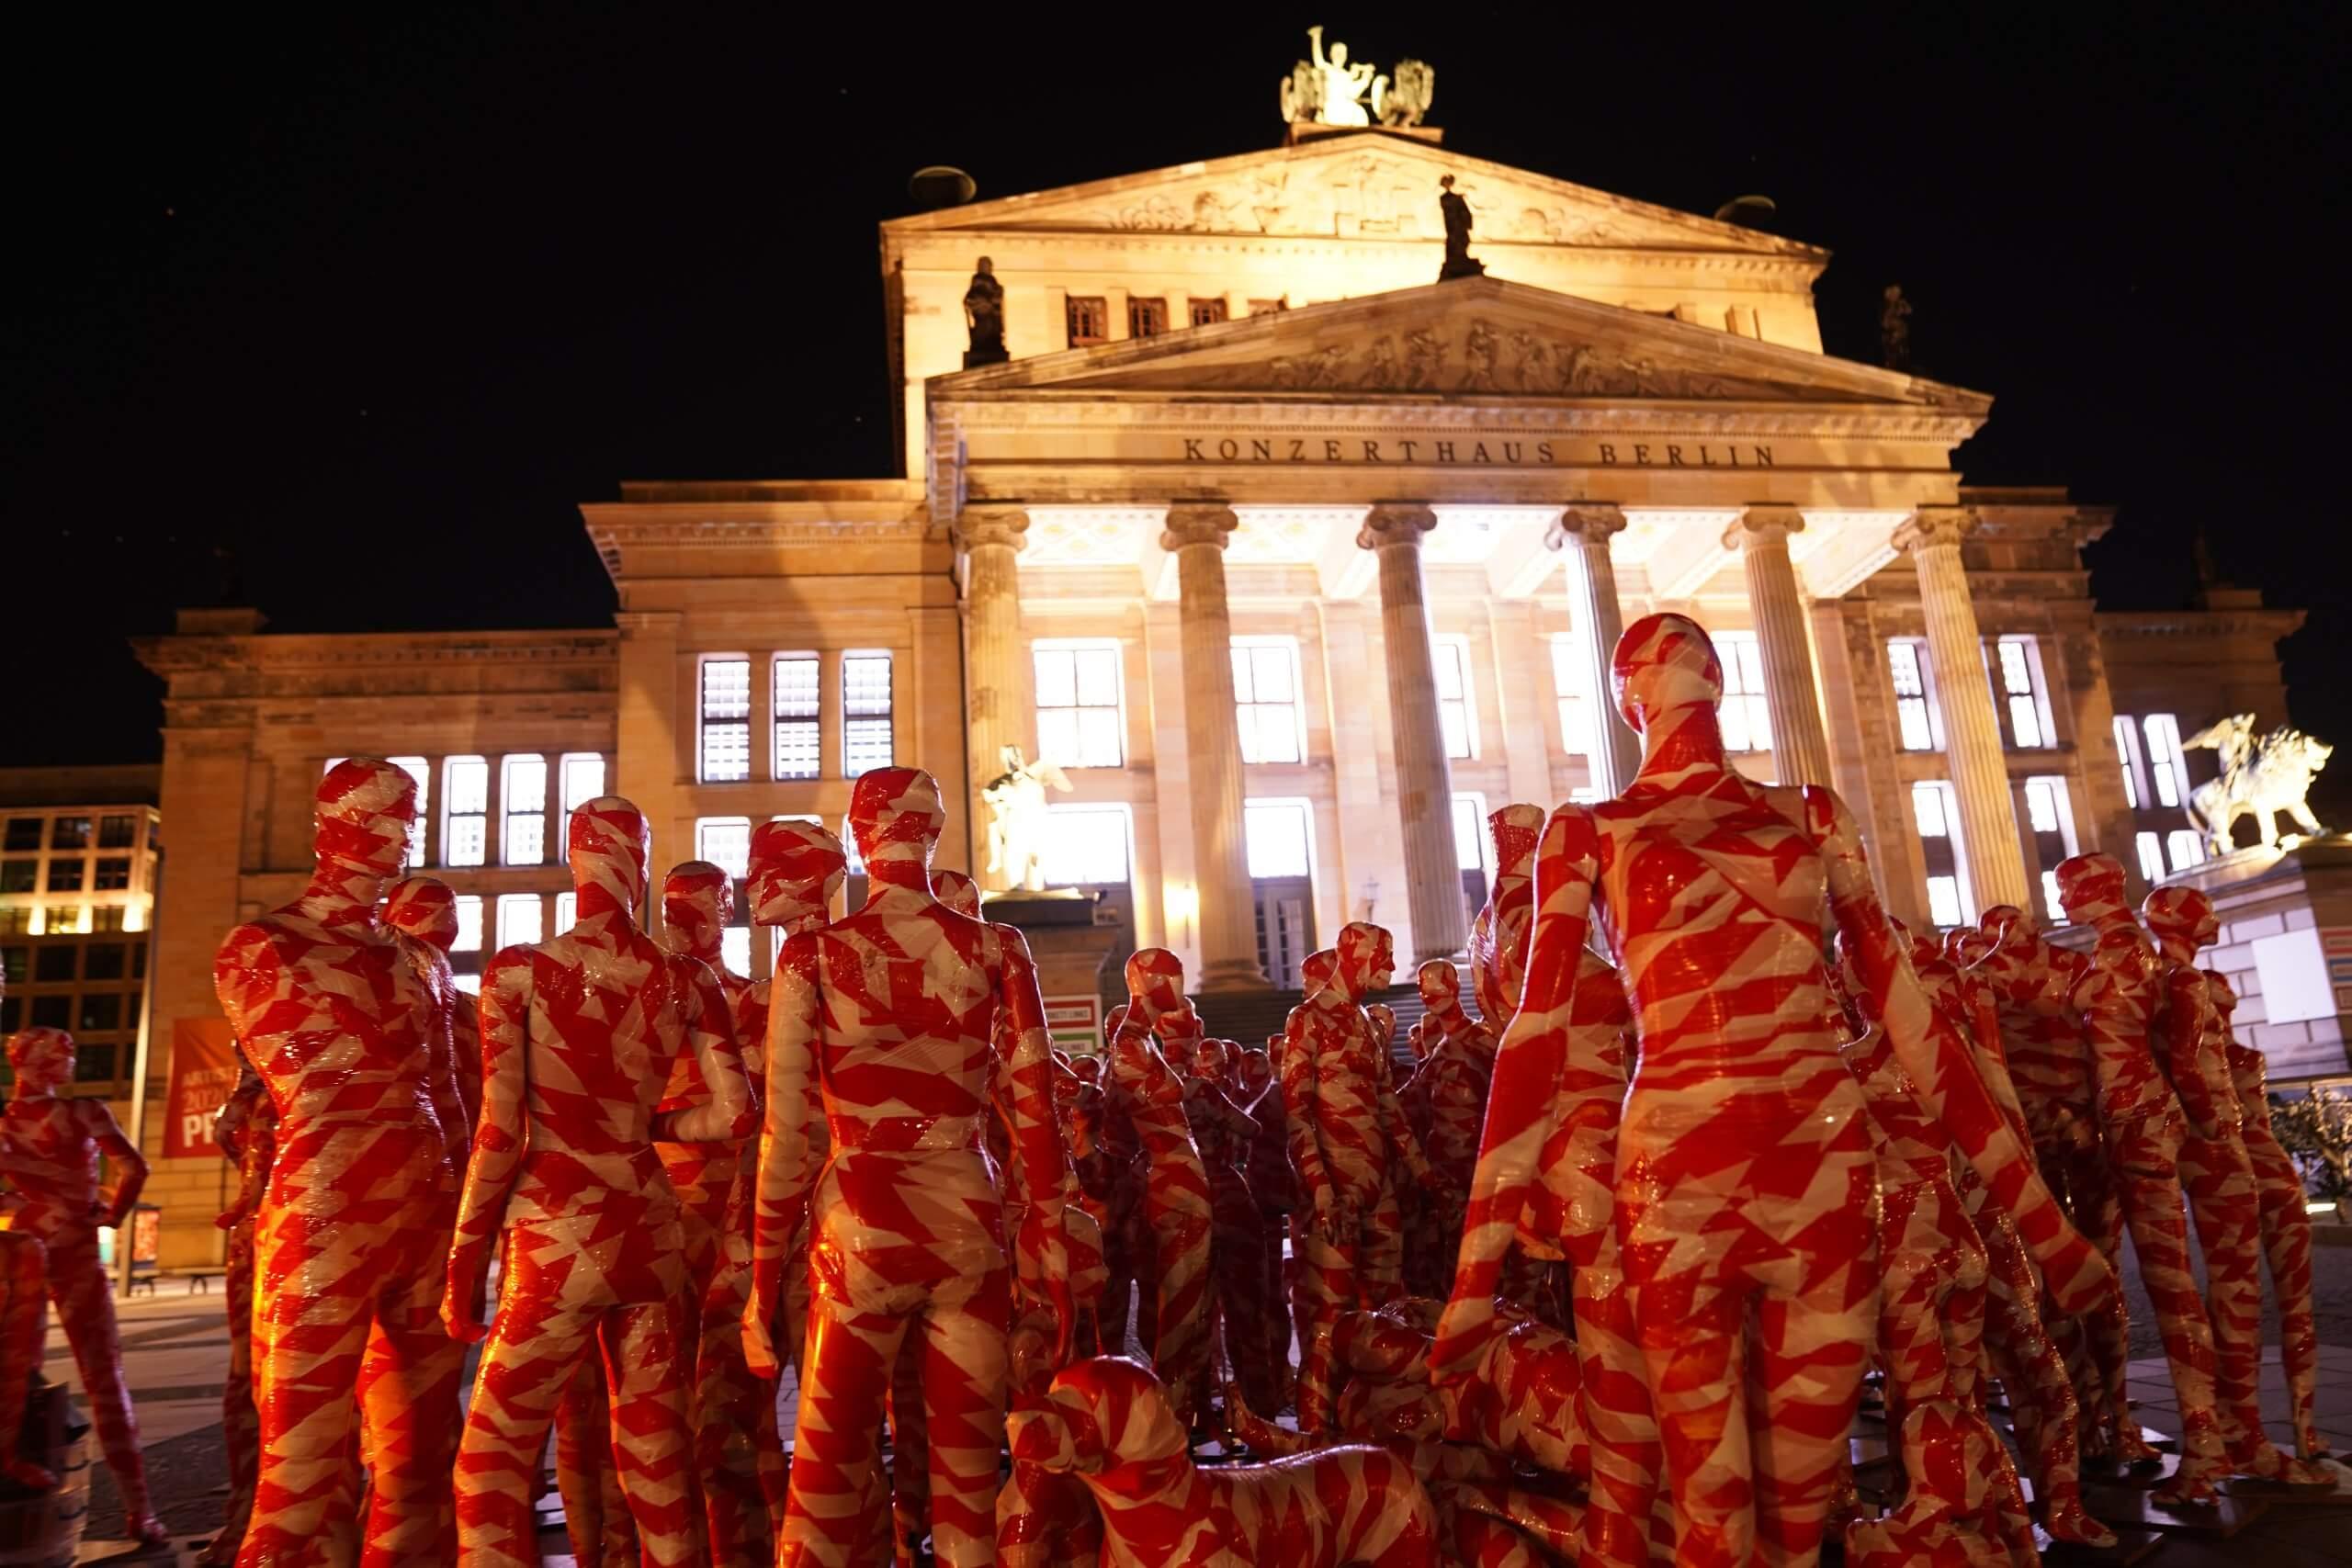 Installation It is like it is Gendarmenmarkt Berlin Konzerthaus Berlin